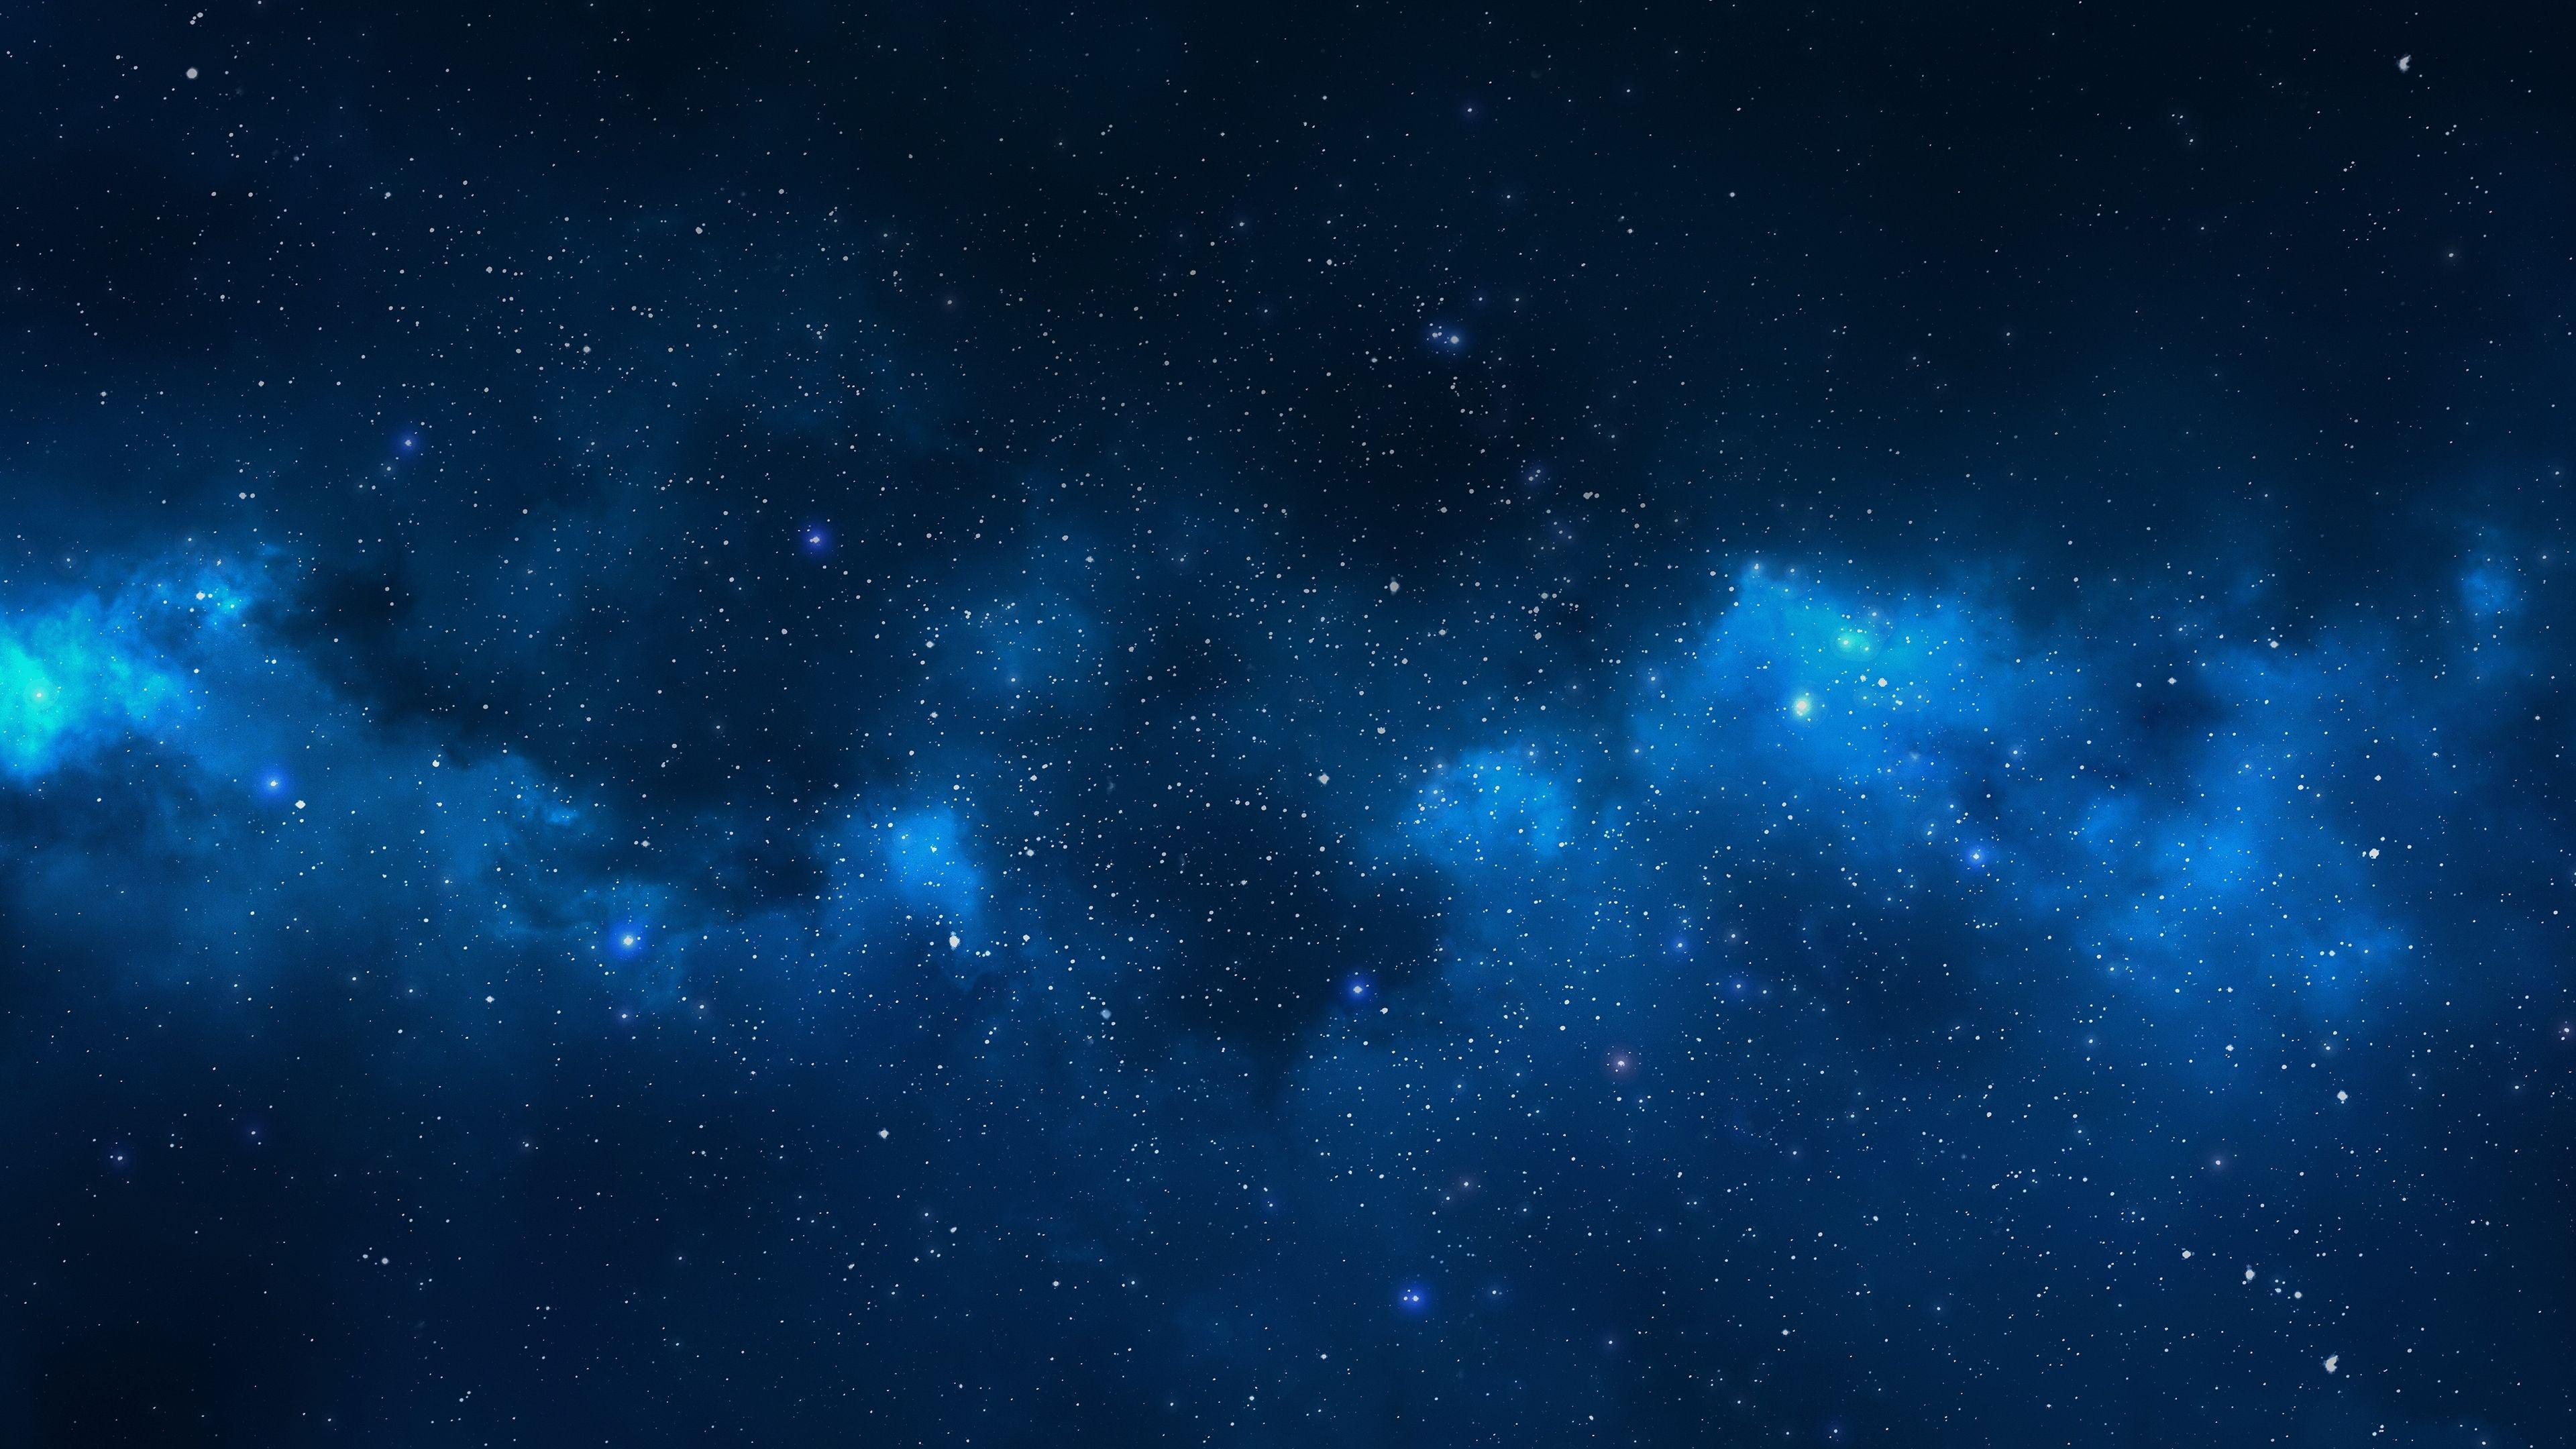 青い銀河の背景 銀河の壁紙 19x1080 Wallpapertip